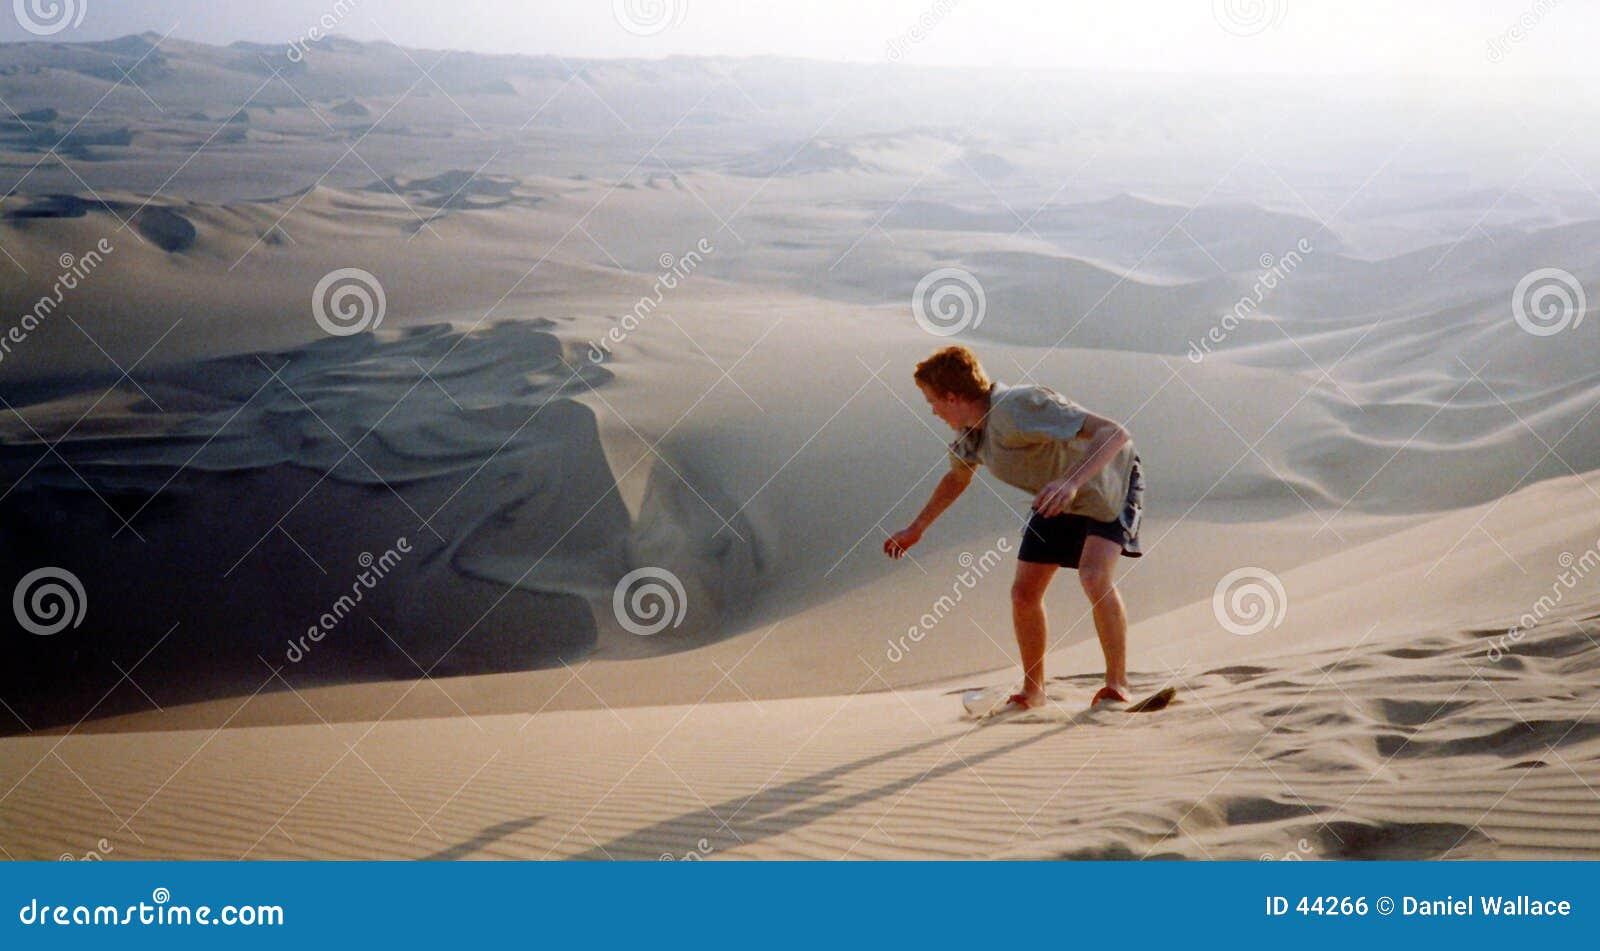 Sandboarding desert